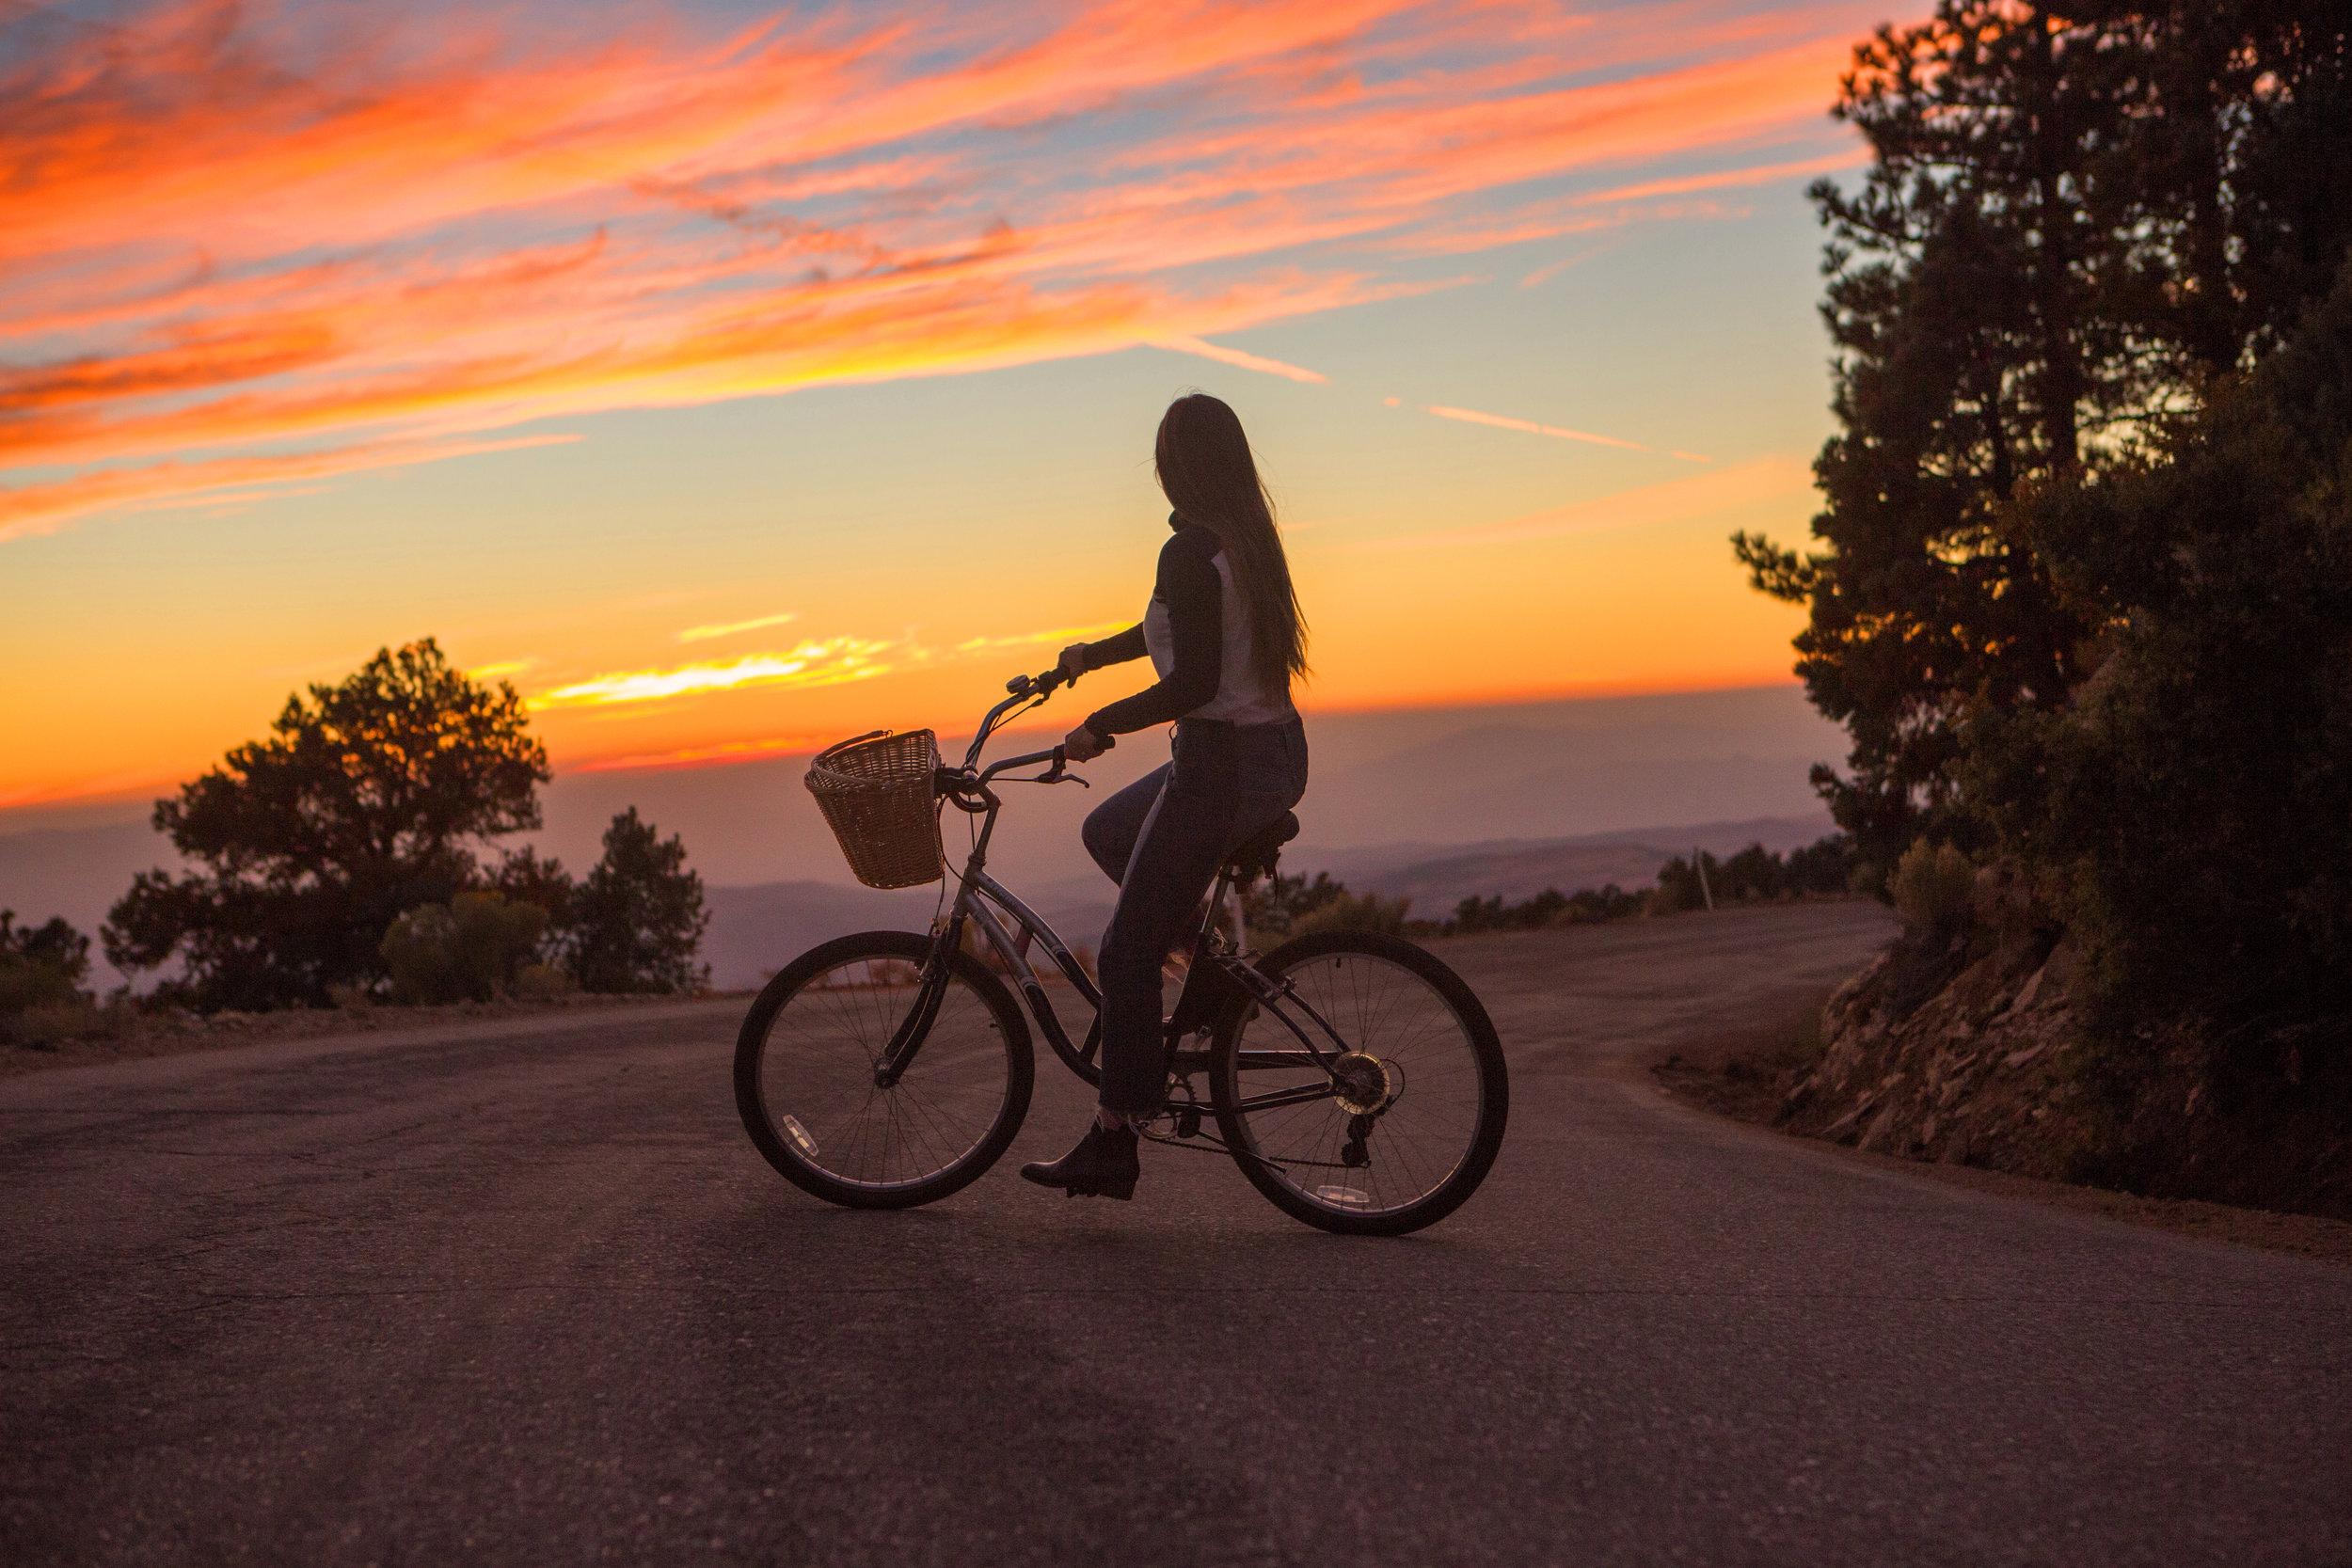 AstroBandit_JordanRose_Revere_Sunset_Bike_Ride_California_Mountains_1.jpg